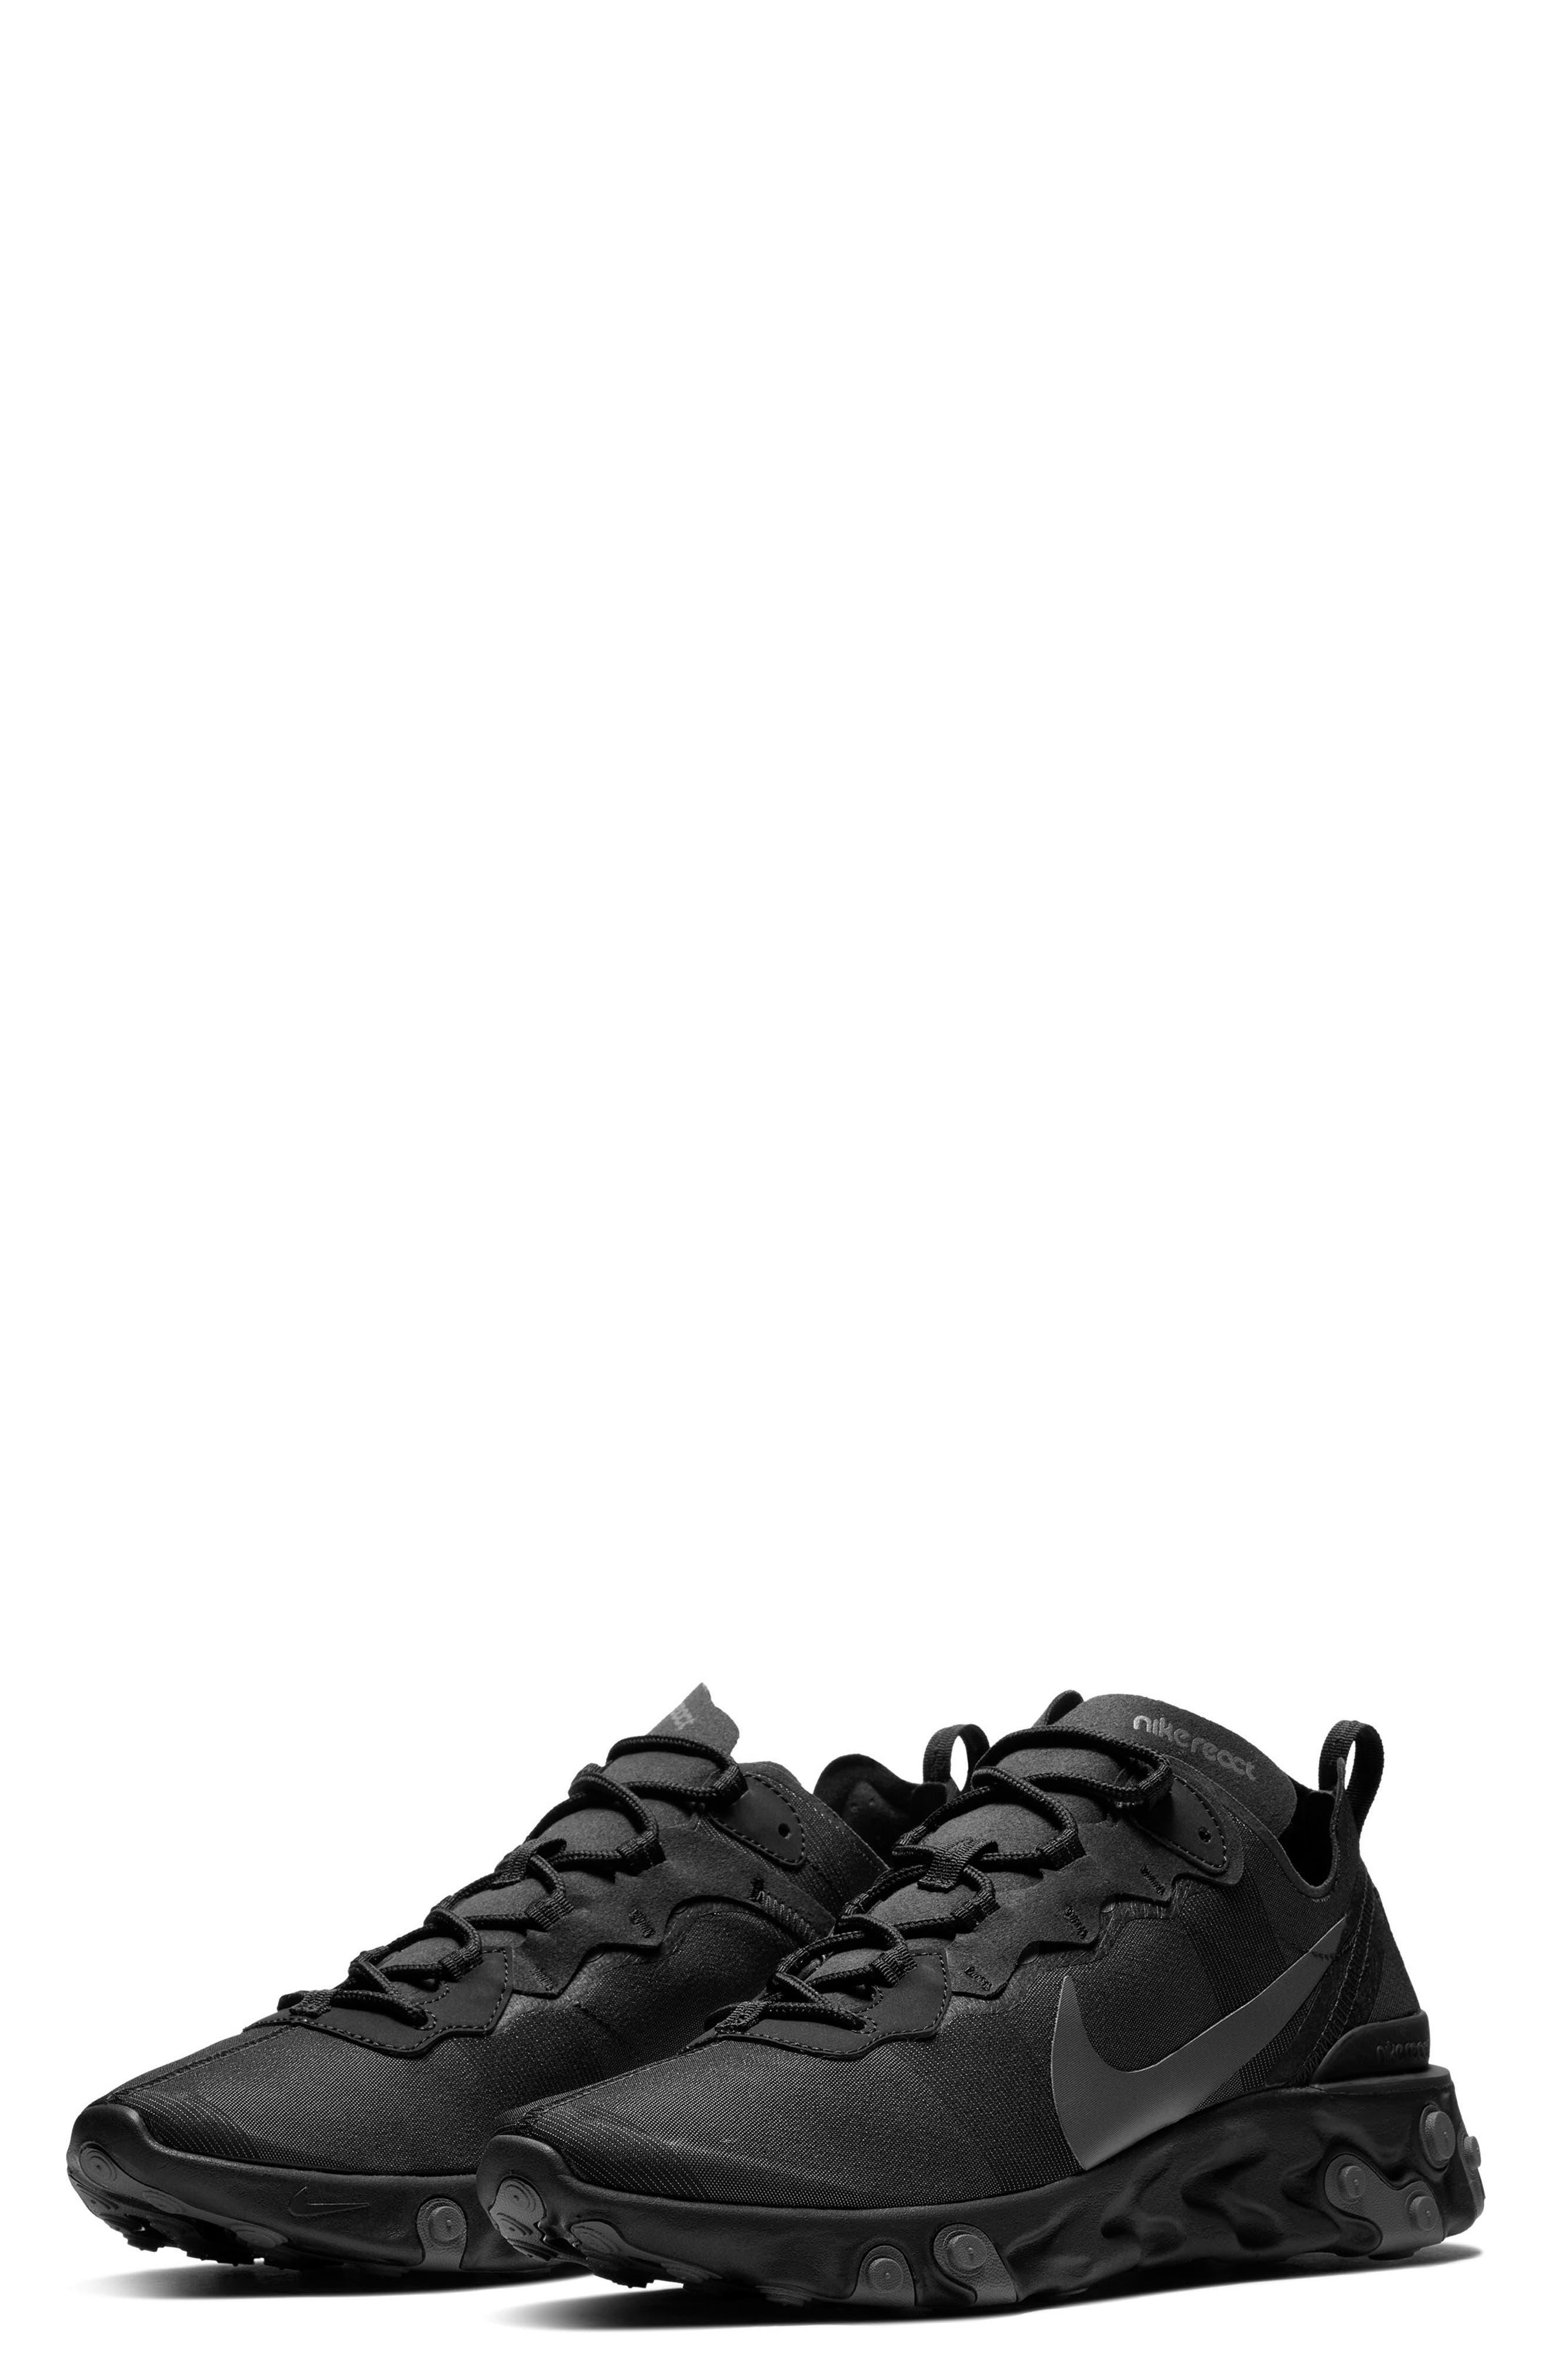 NIKE React Element 55 Sneaker, Main, color, BLACK/ DARK GREY